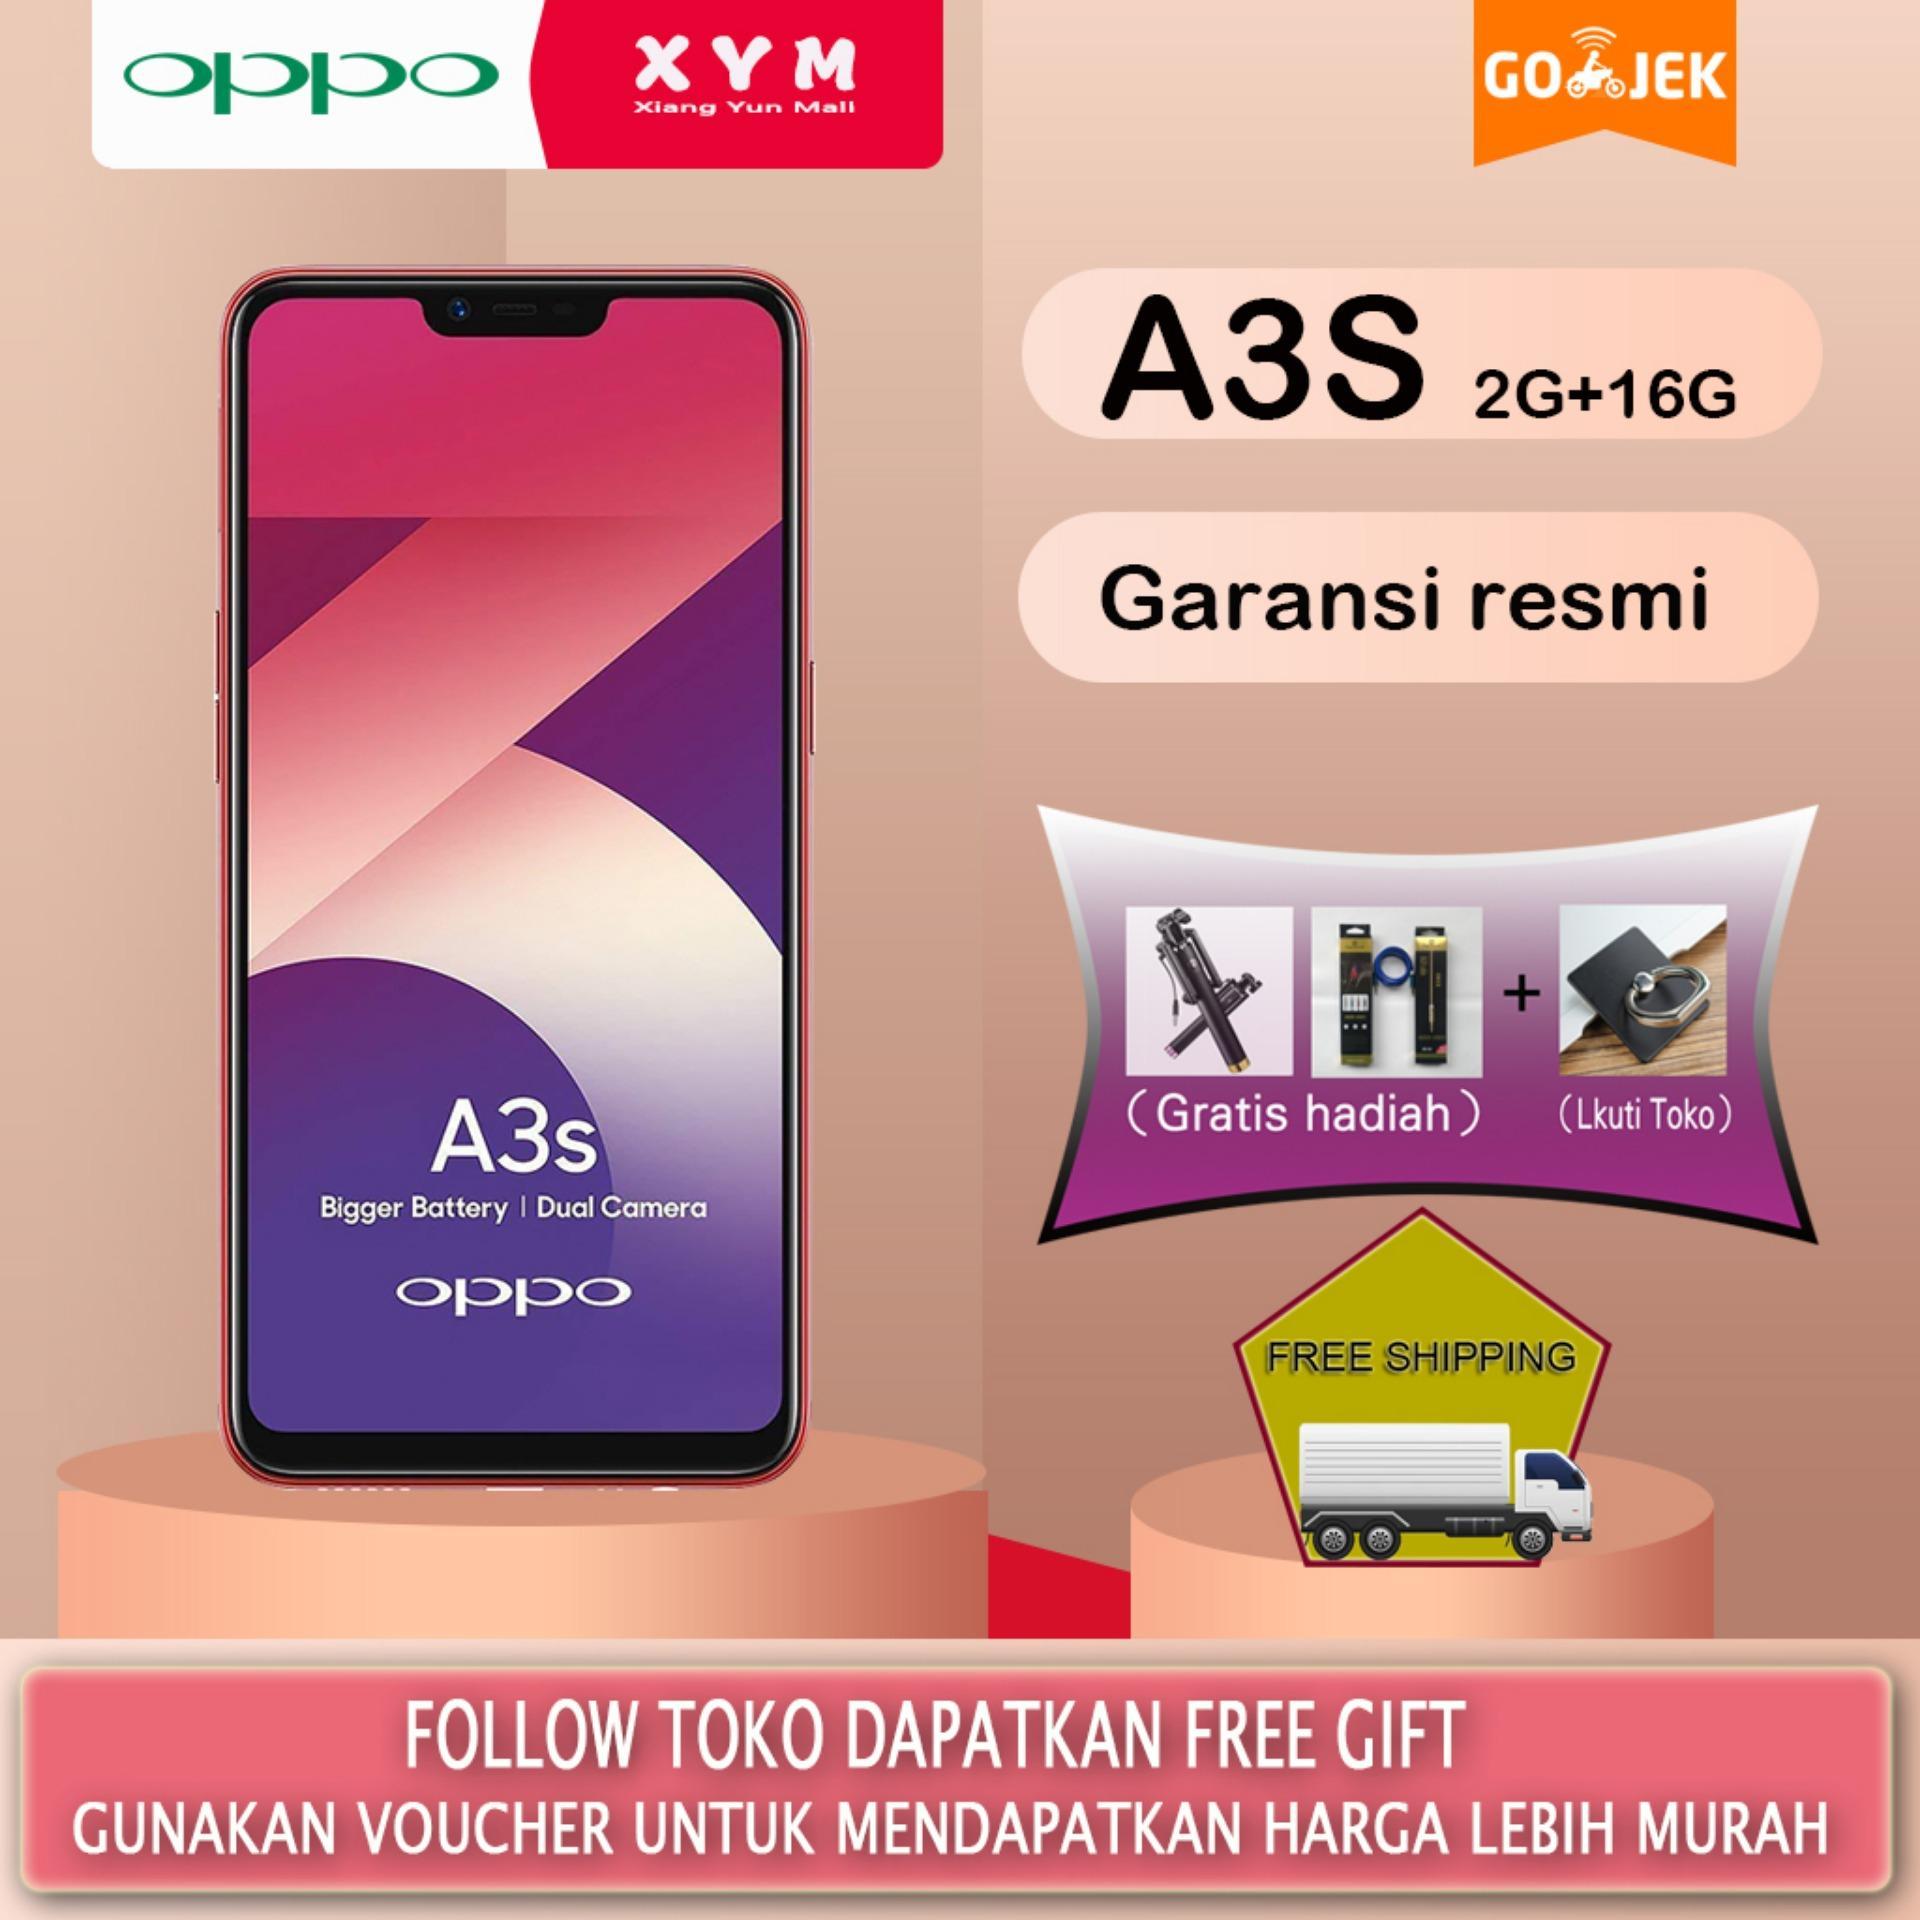 Jual Handphone Oppo Terbaru F3 Plus 4gb 64gb Garansi Resmi Indonesia 1 Tahun A3s 2g 16g 62 Super Full Screen